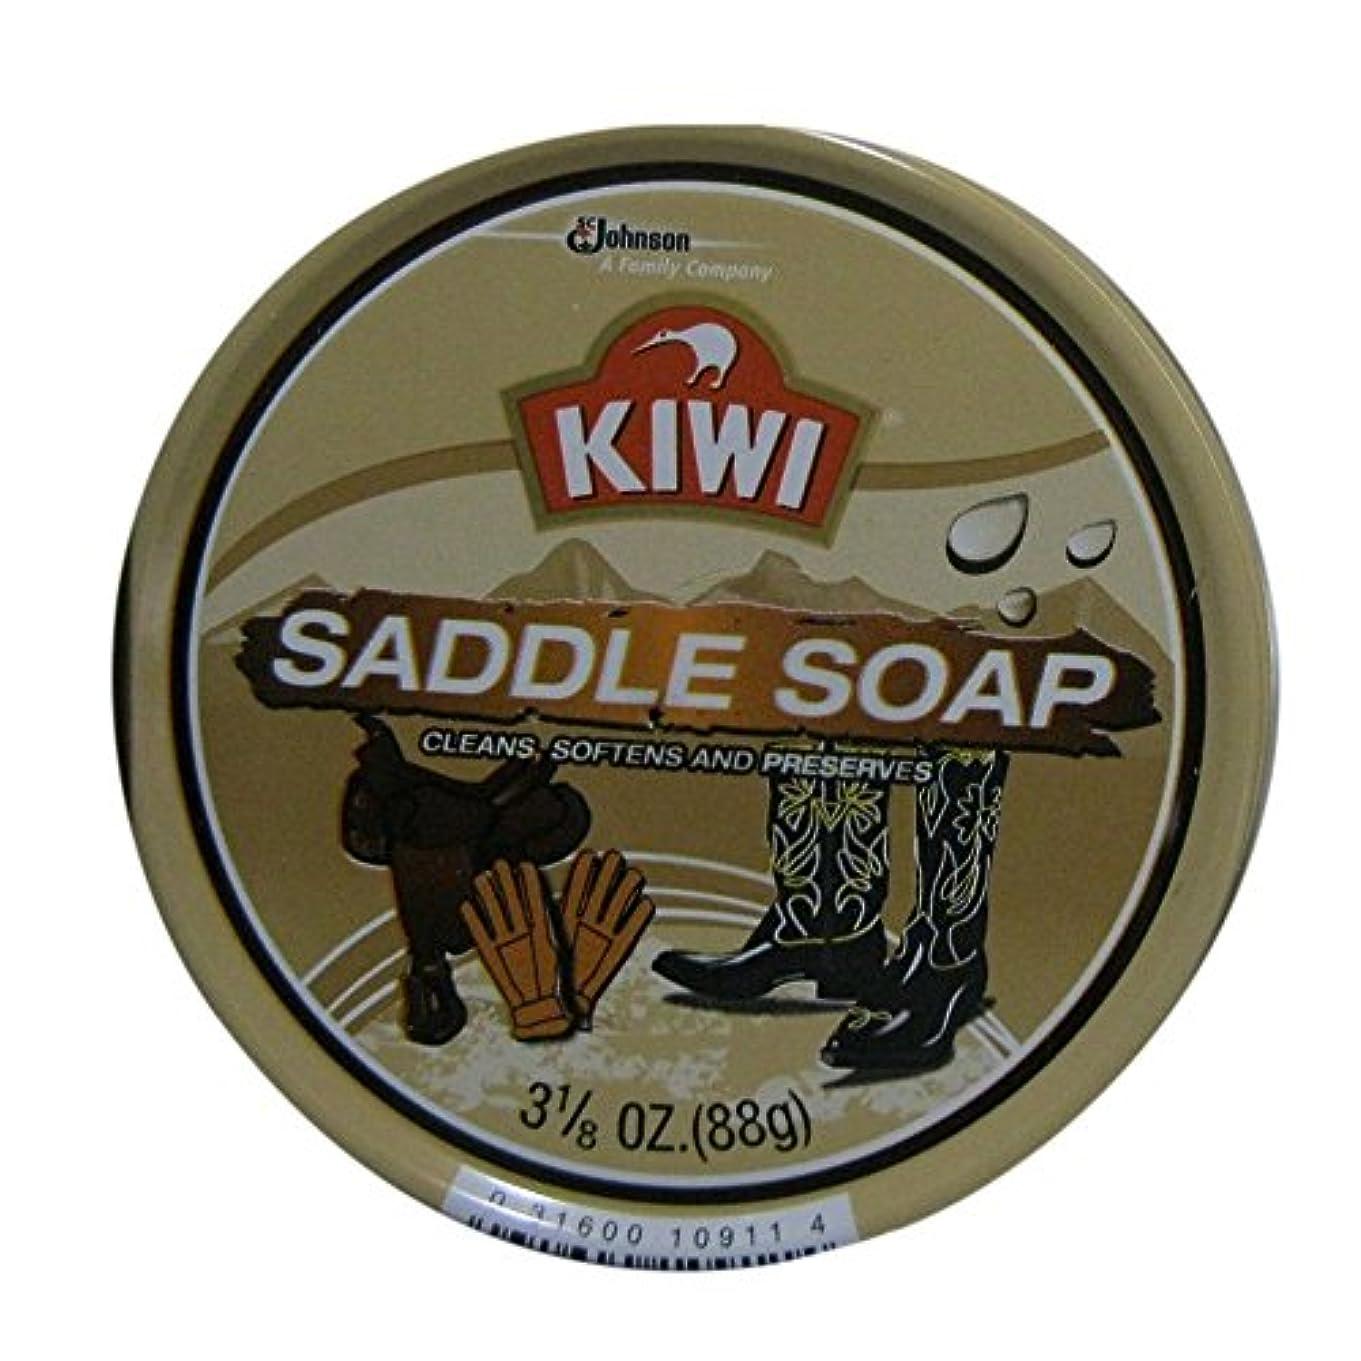 温度計ために選択するKiwi KIWIハメソープ3.125オンス(5パック) 5パック